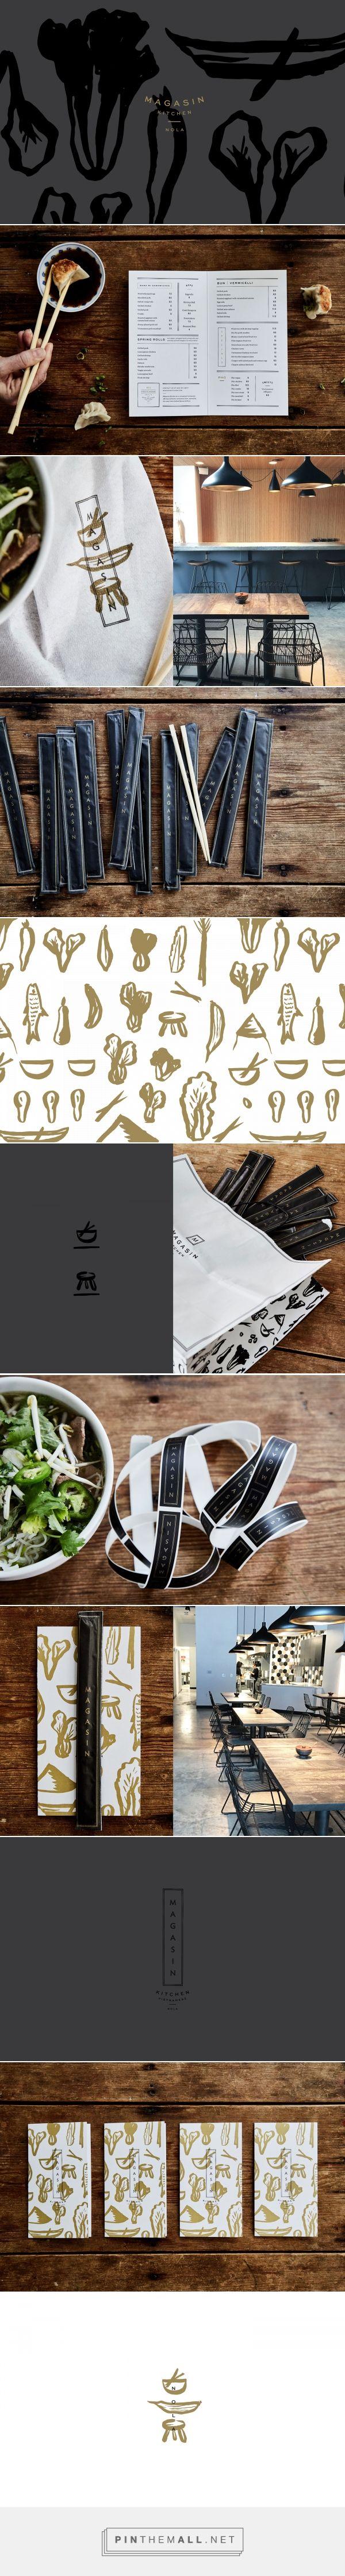 Magasin Kitchen Vietnamese Restaurant Branding and Menu Design by Stitch Design Co. | Fivestar Branding Agency – Design and Branding Agency & Curated Inspiration Gallery